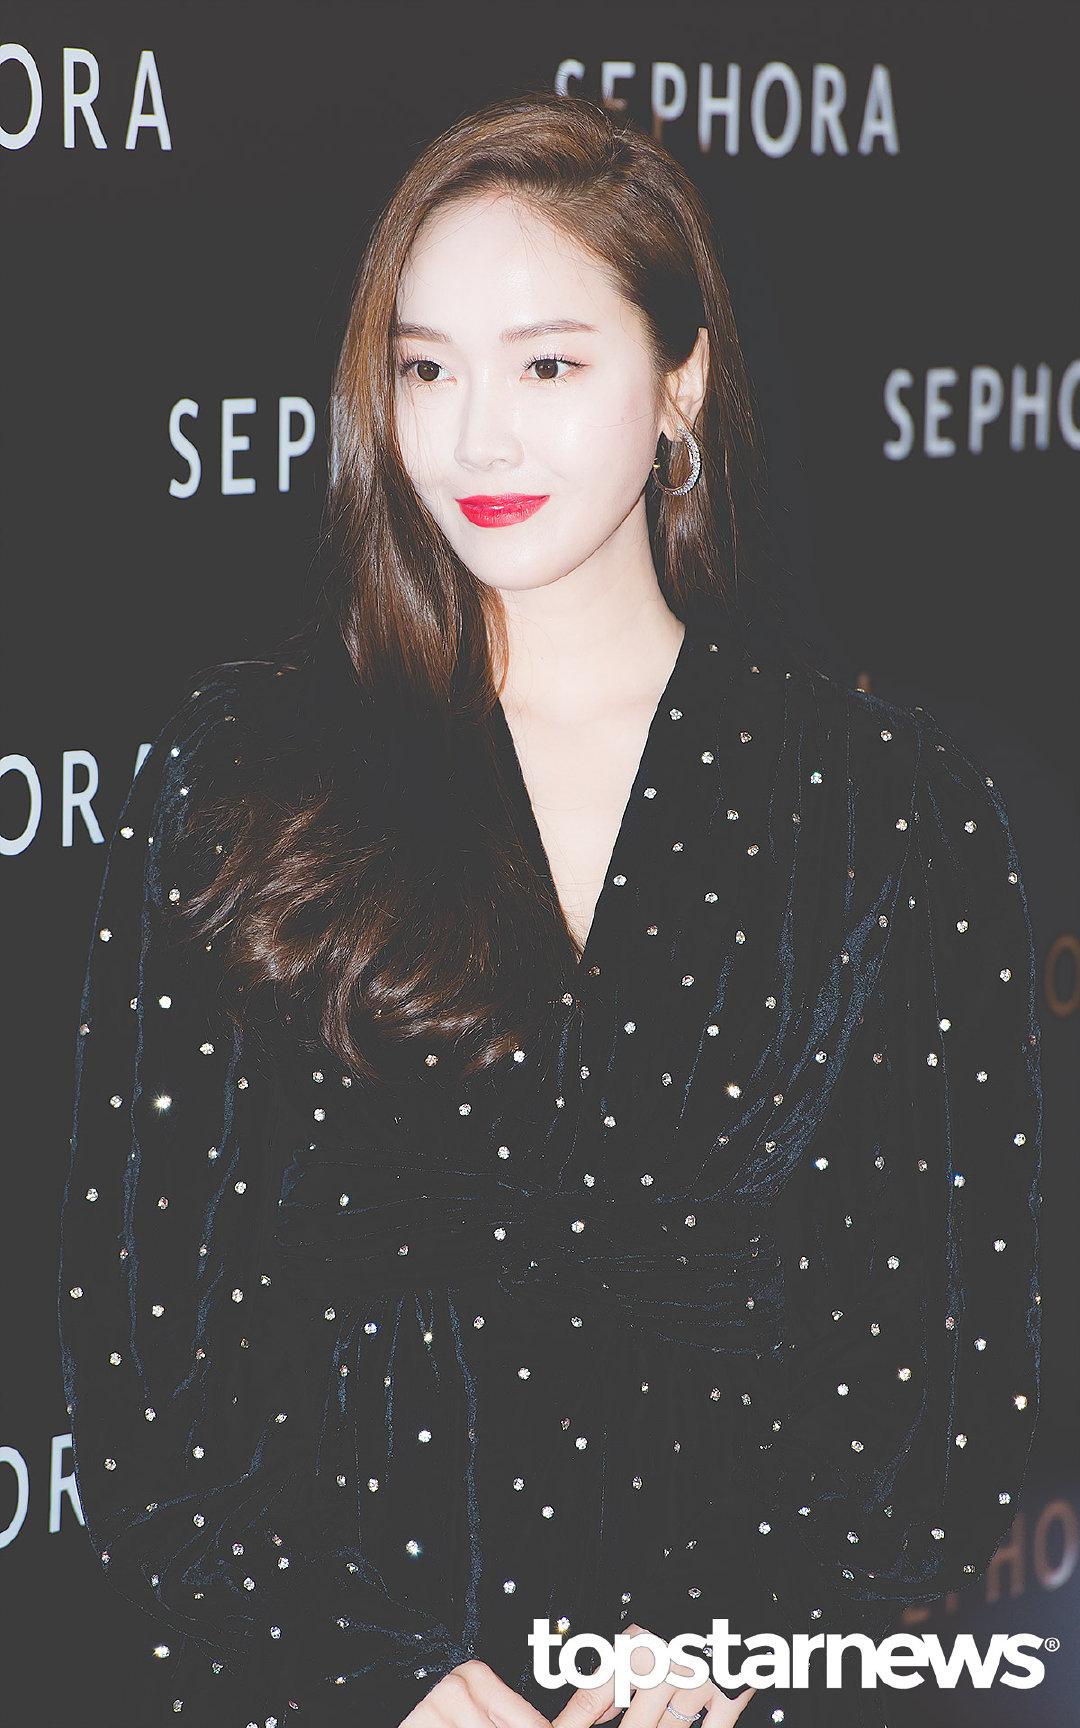 黑裙和黑色背景下,卡皇这红唇好瞩目!cr logo, sooyeon_fashion